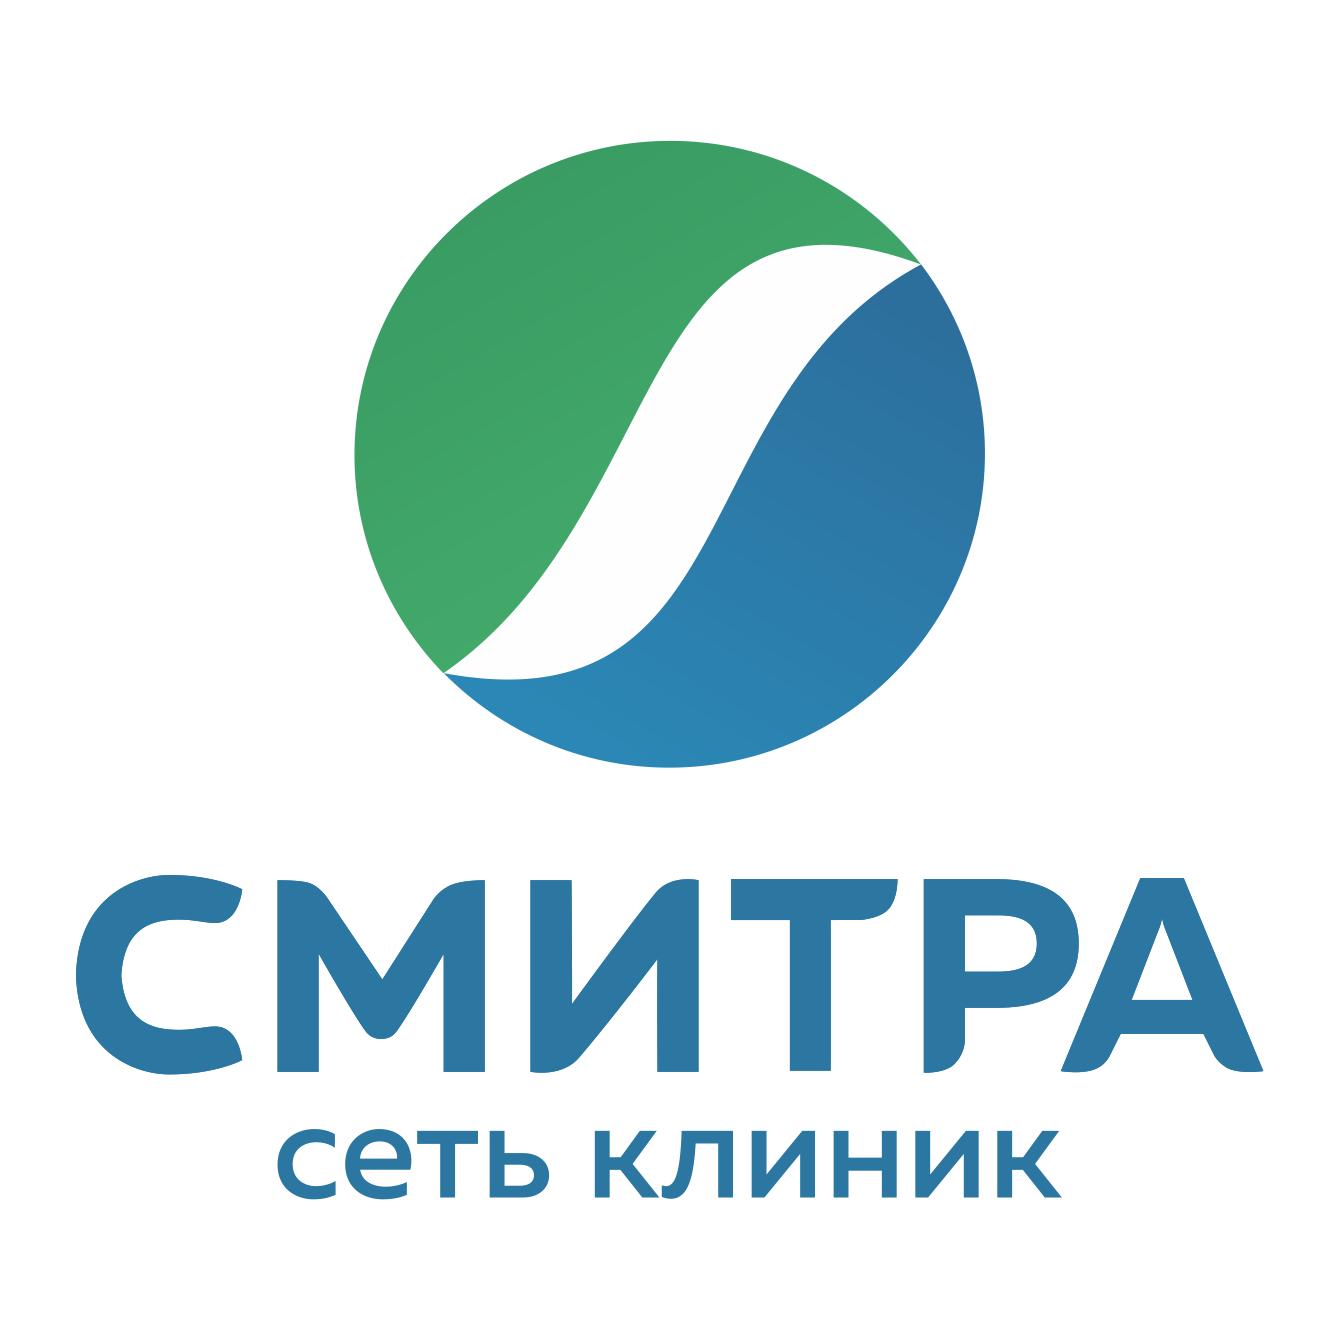 Клиника «СМИТРА» на Студенческой